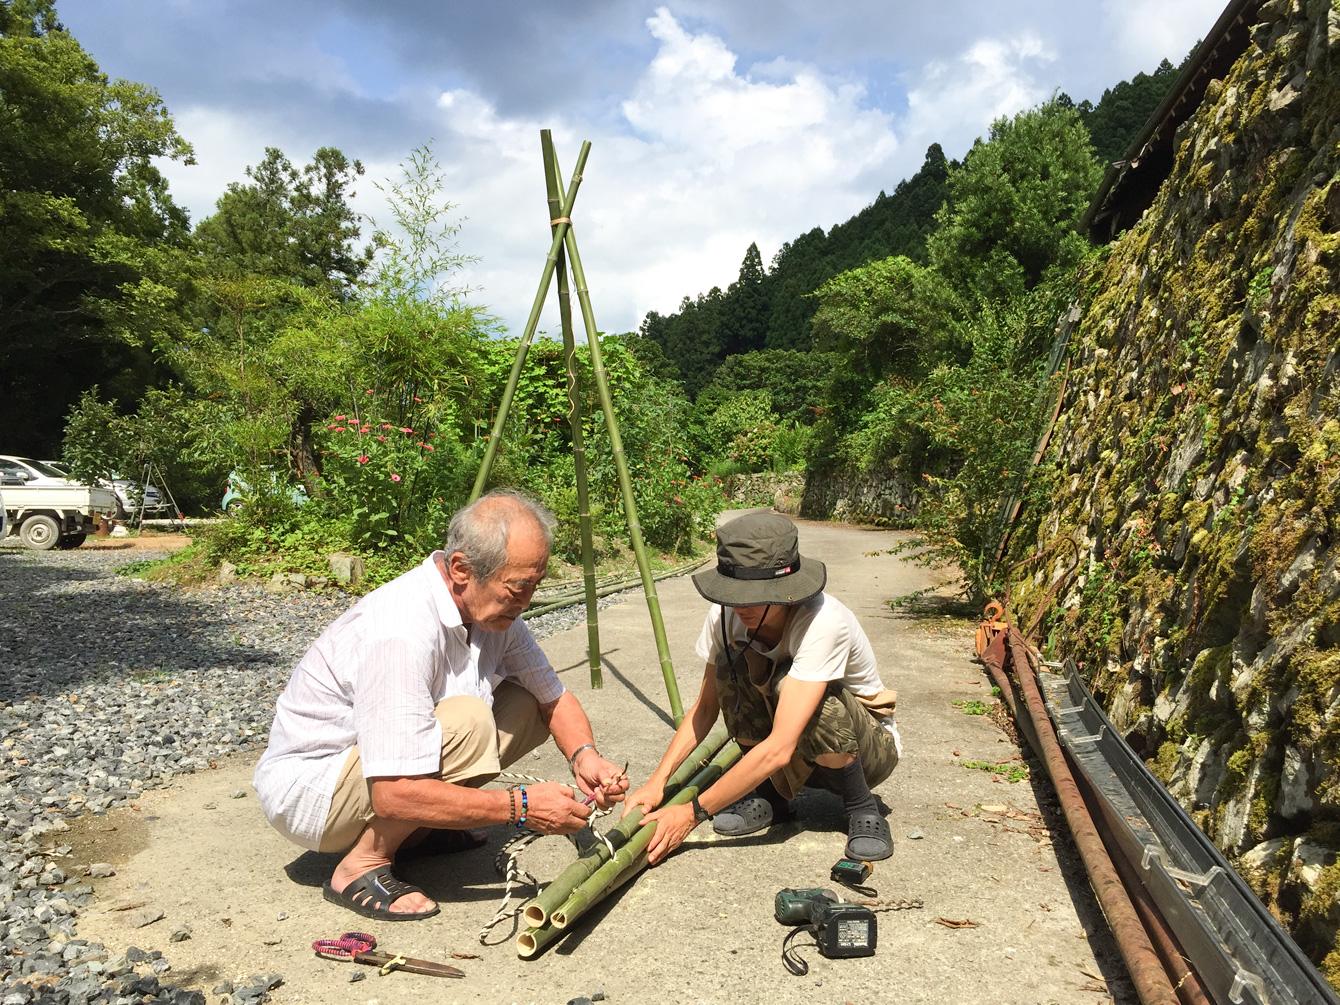 山姥オーナーの中山啓さん(左)に竹の組み立て方を教わる山田さん(右)。